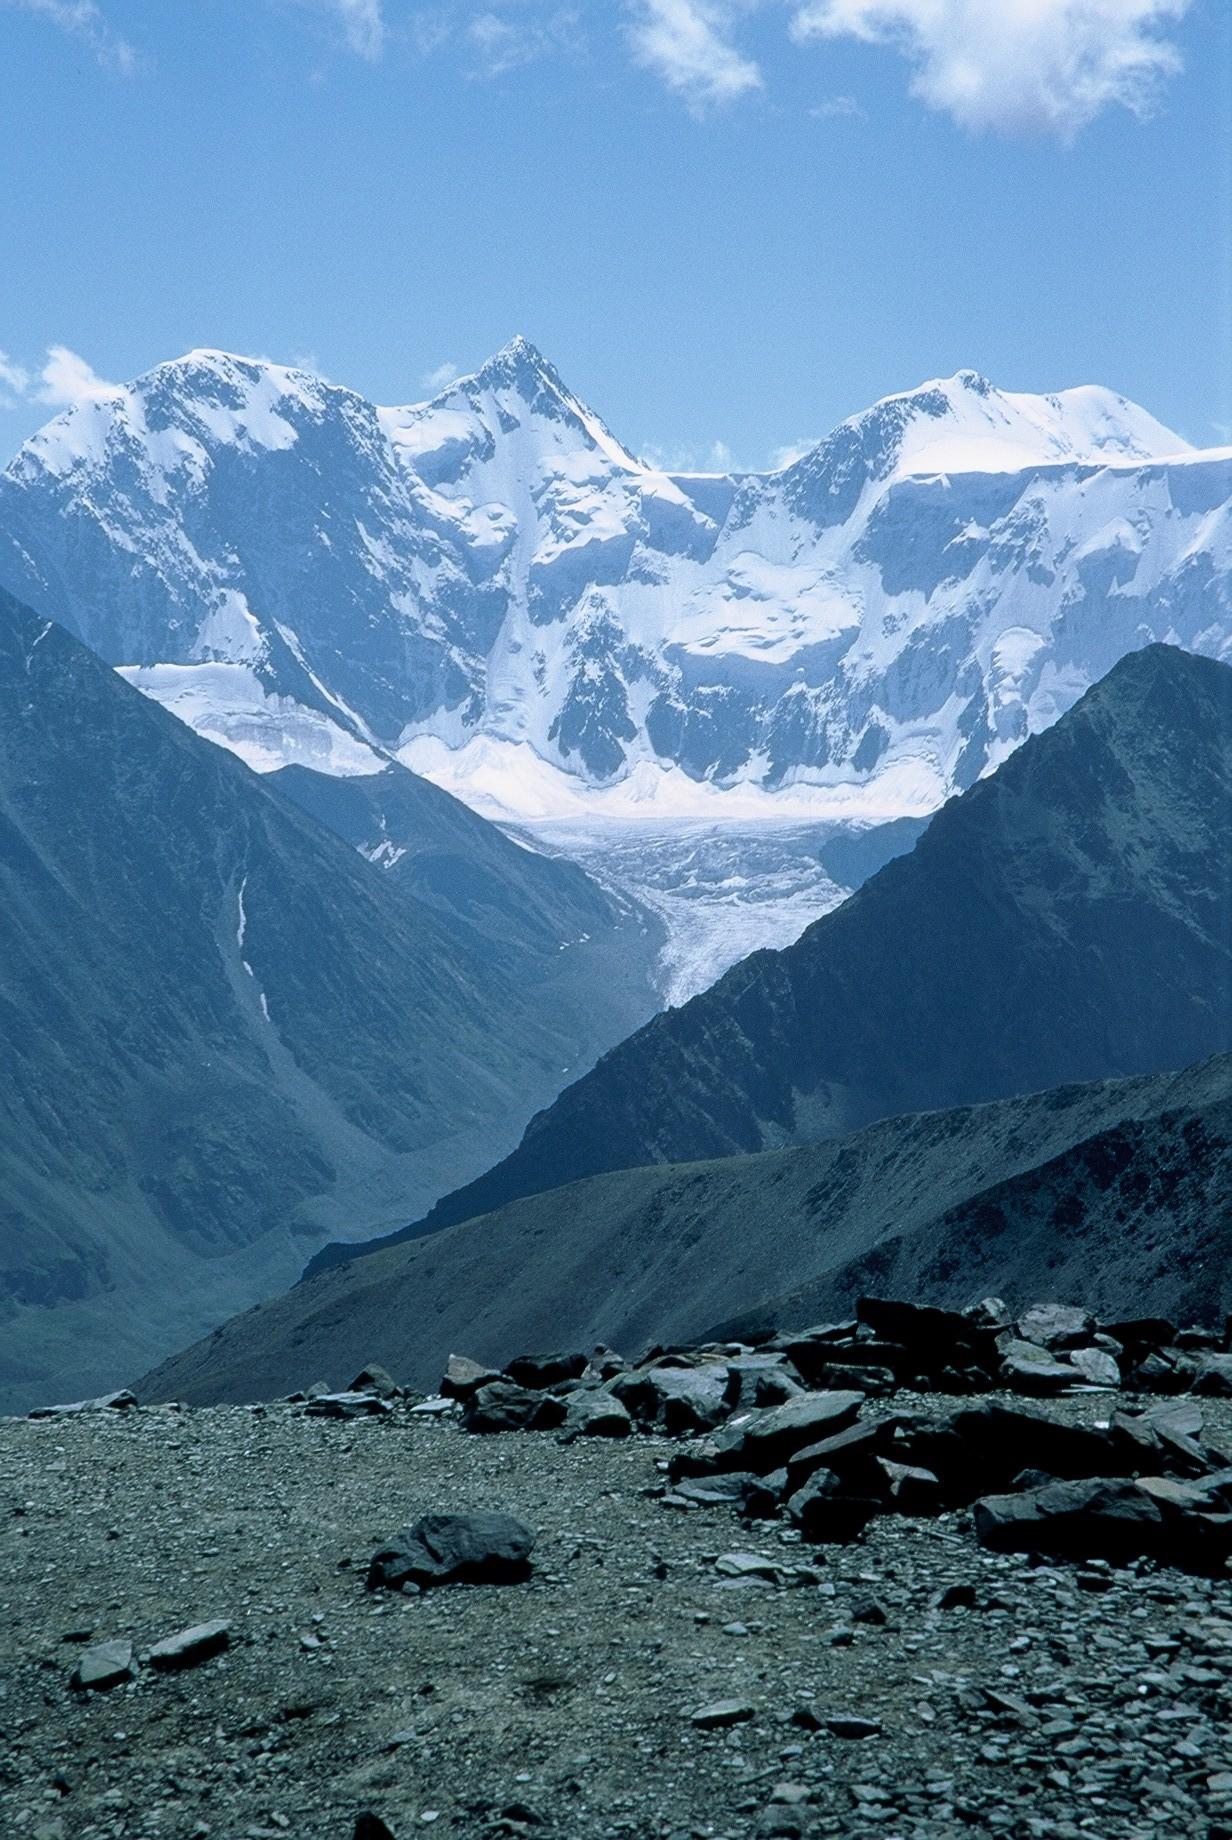 Altai mountains in Siberia